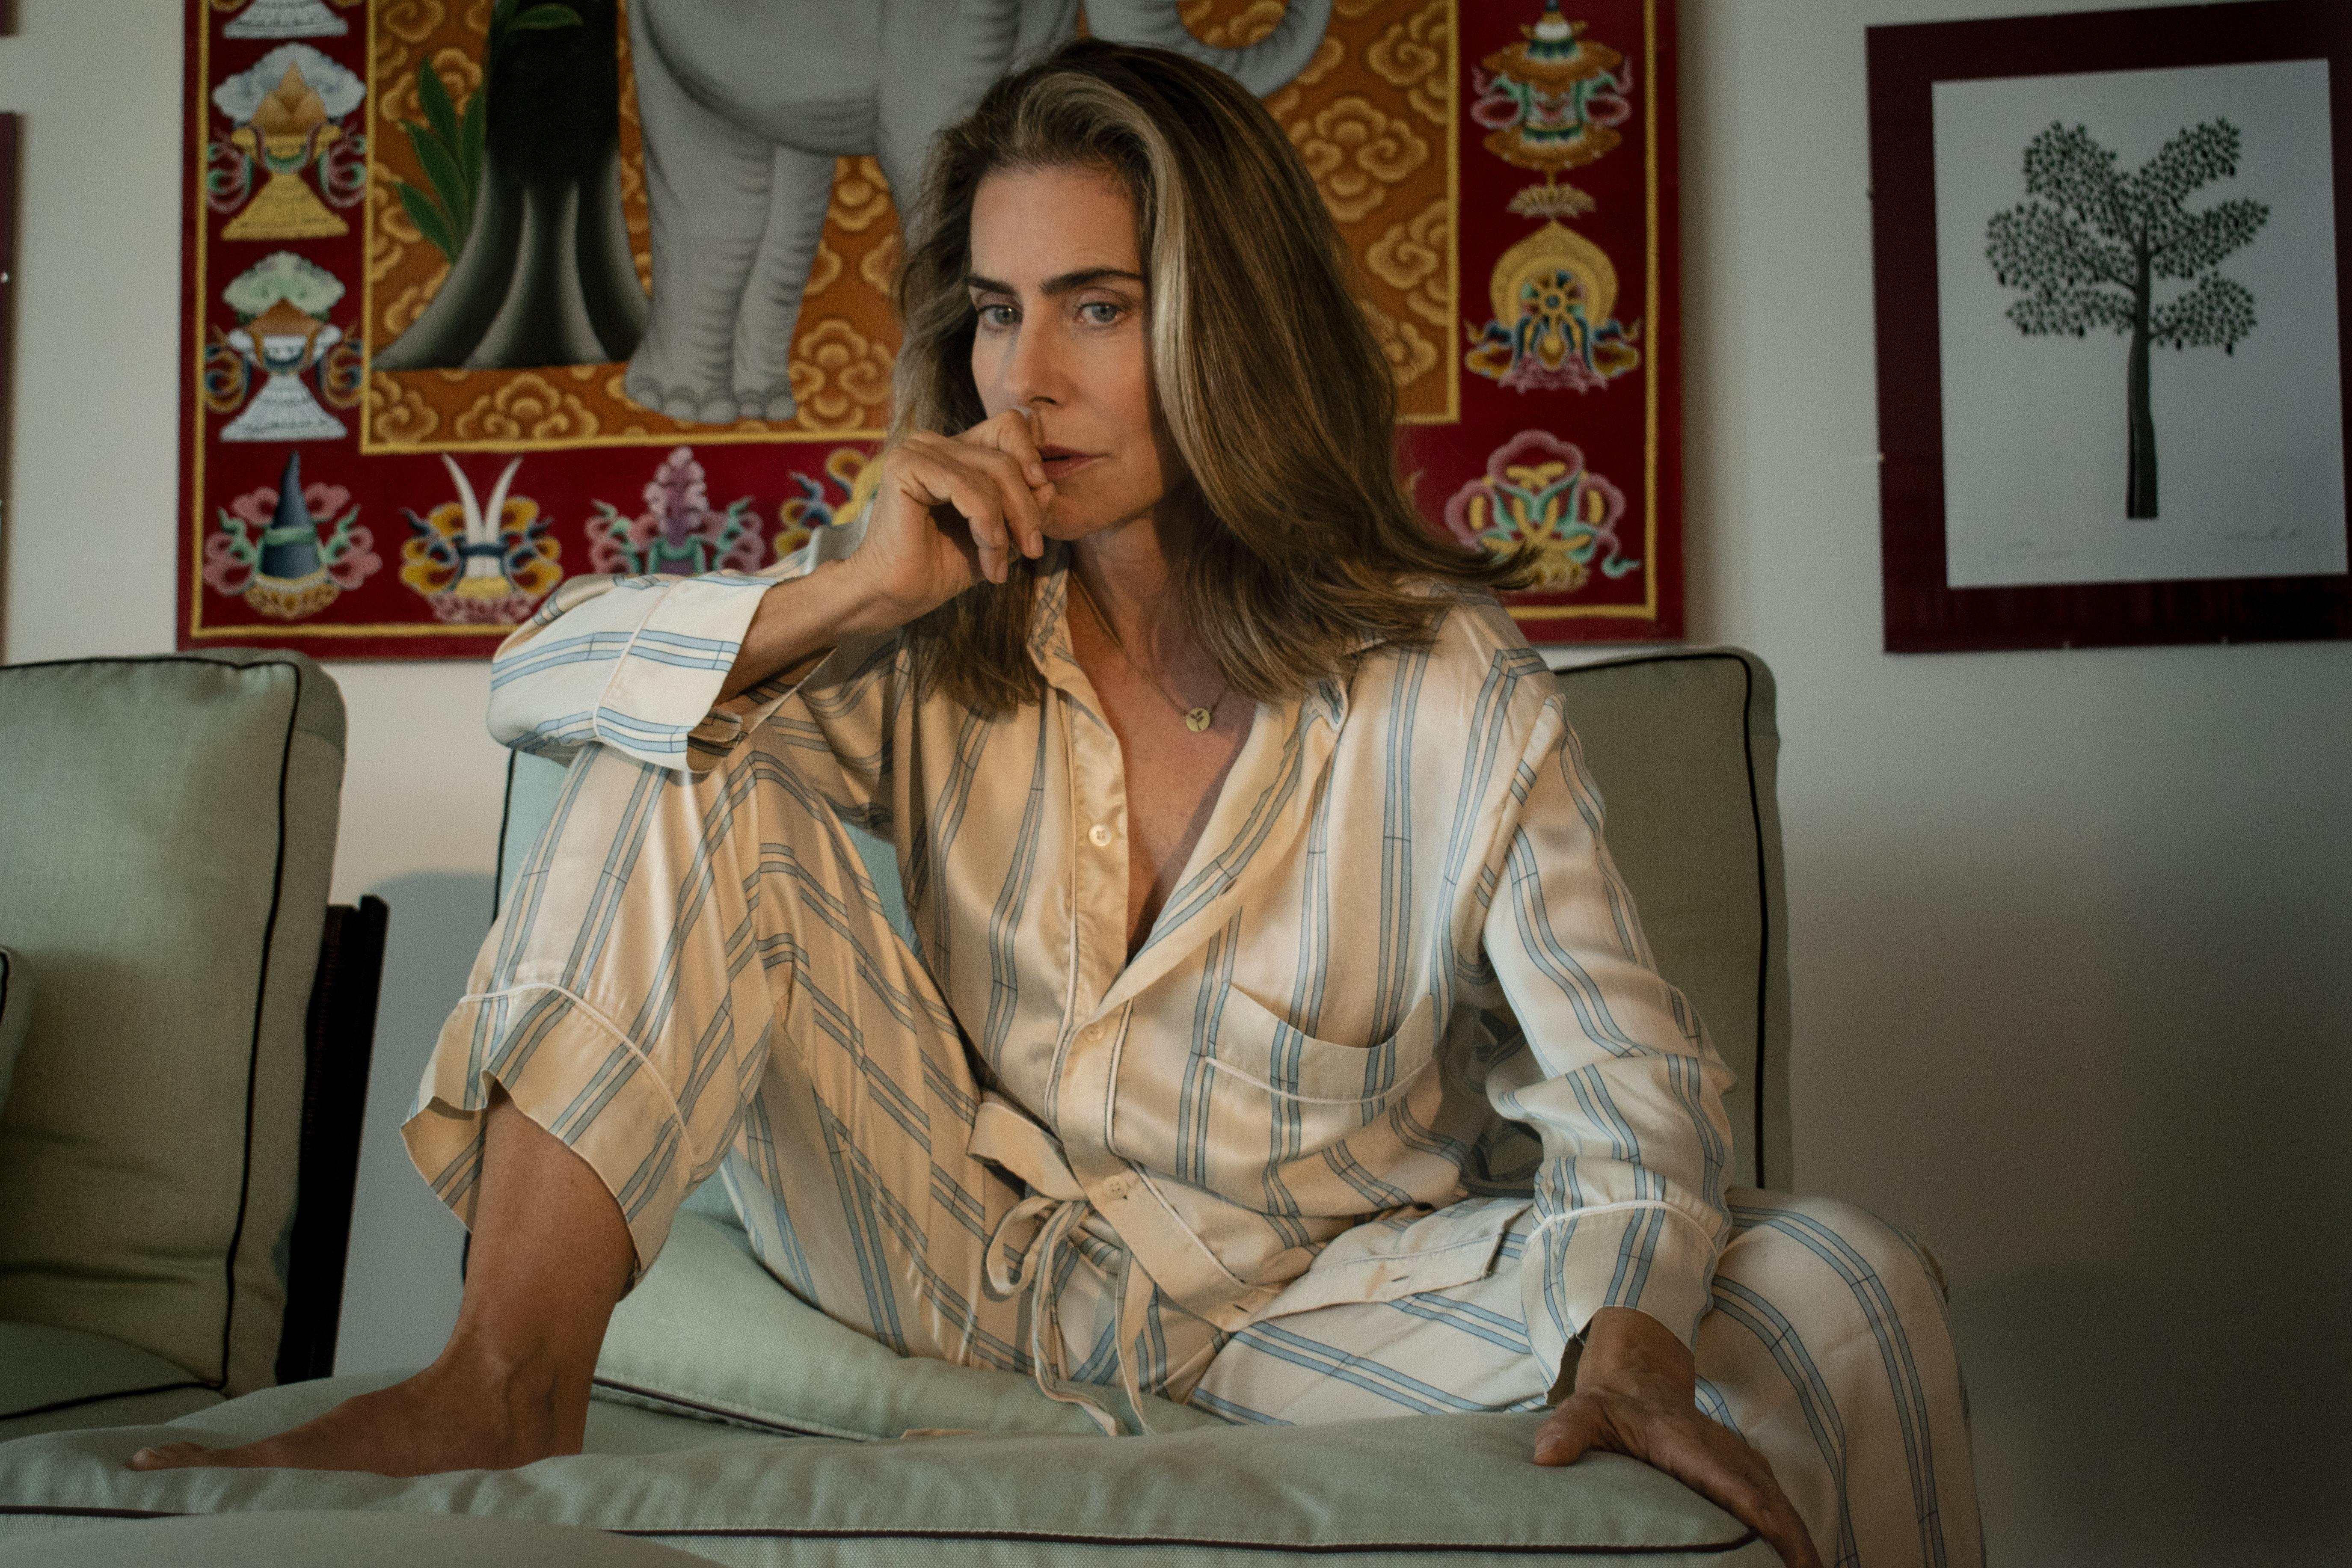 Maite Proença, de pijama, no sofá, com as pernas abertas